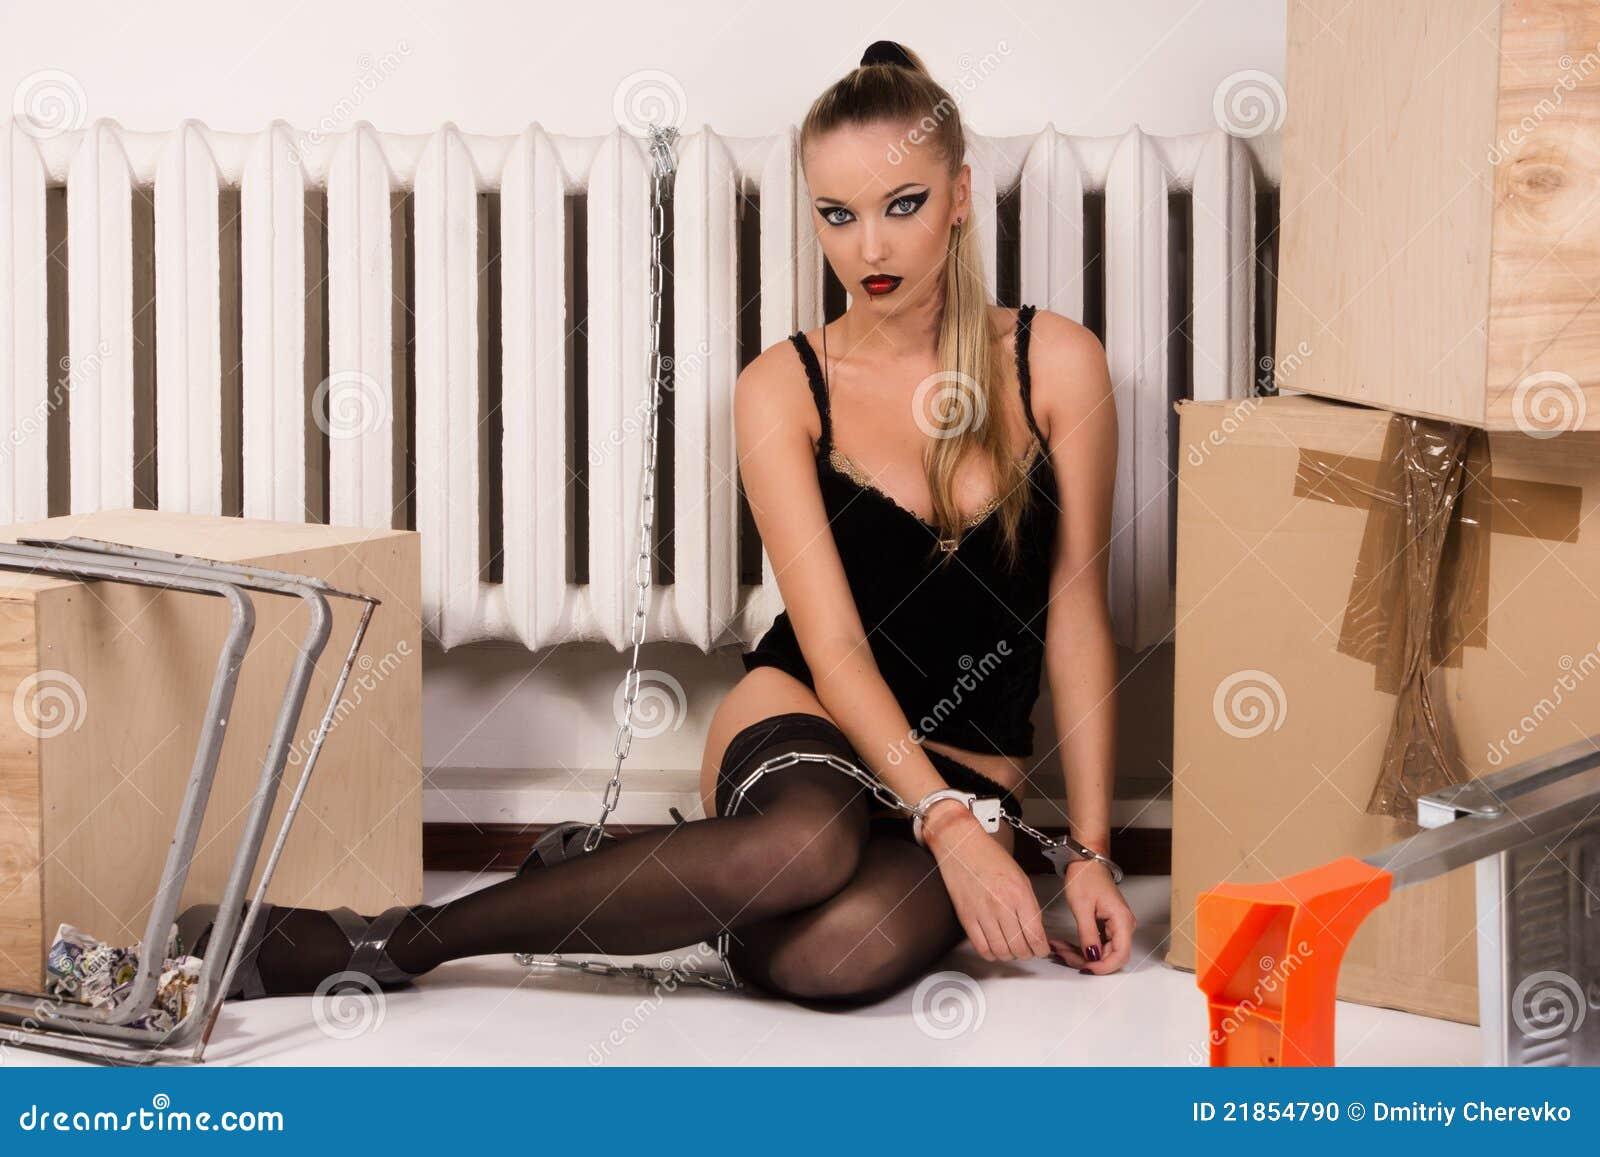 Секс с привязанной девушкой на дому, Порно видео онлайн: ДомашнееБондаж и связывание 1 фотография